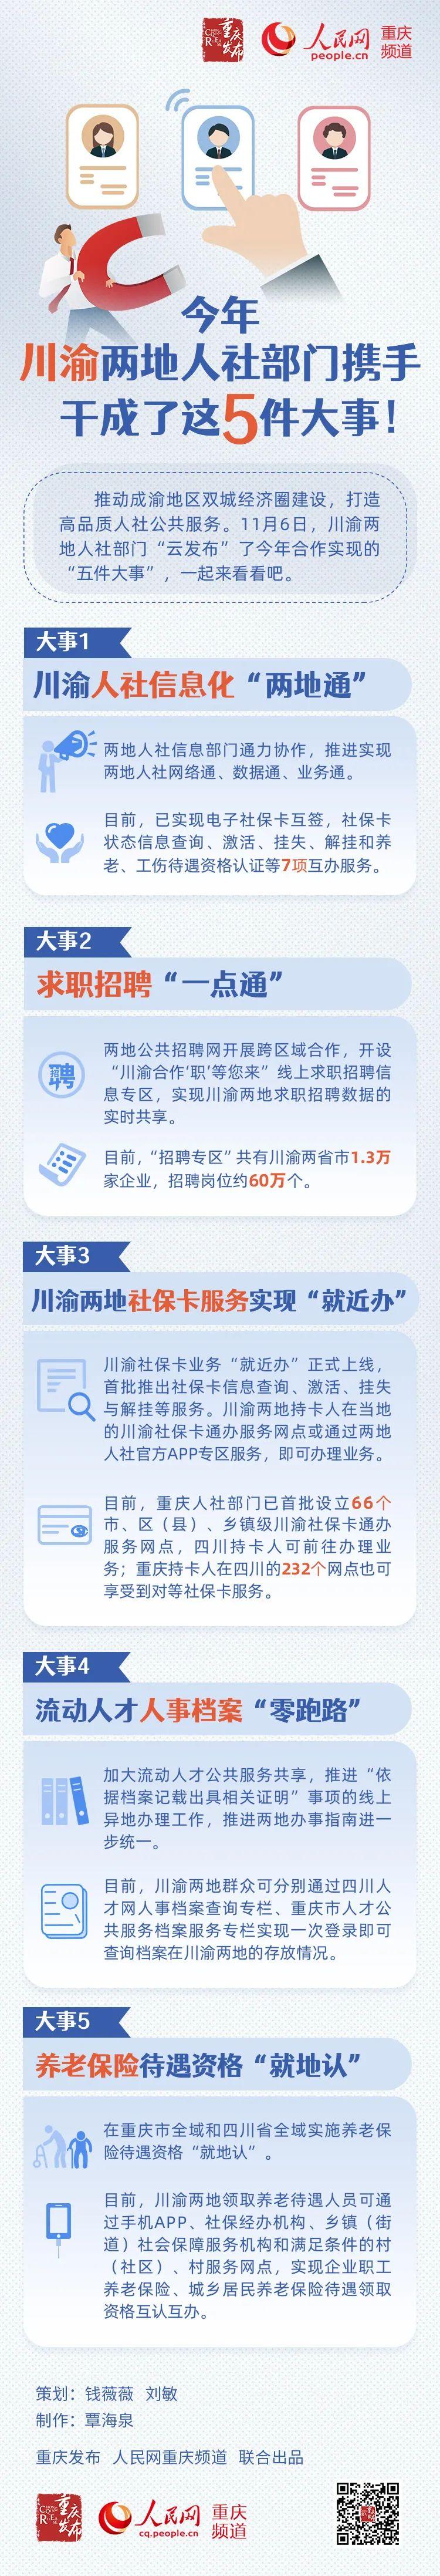 一图读懂!重庆四川两地人社部门今年携手干了这5件大事图片